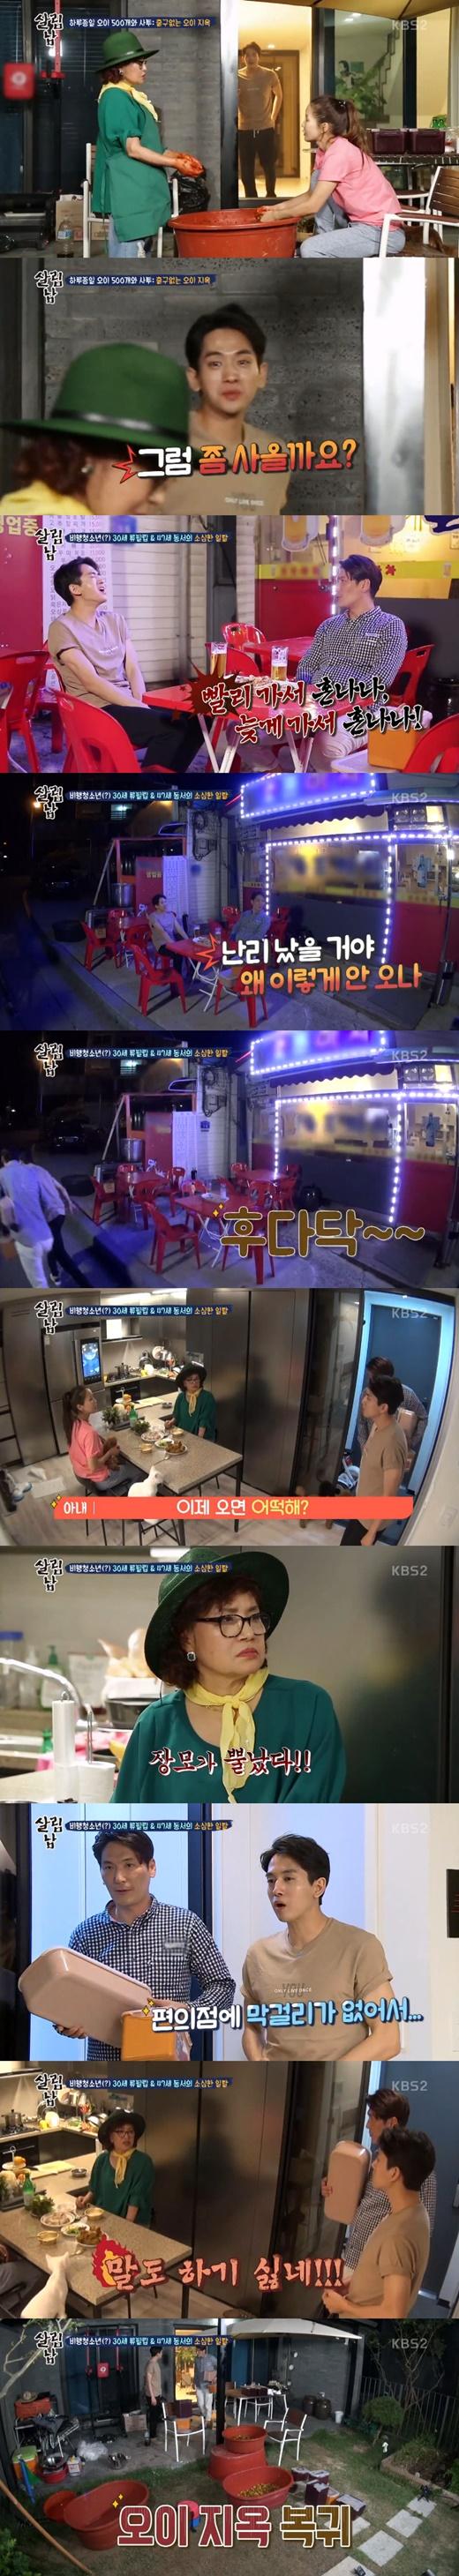 """'살림남2' 미나 母, 류필립 꼼수에 뿔났다 """"말도 하기 싫네"""""""